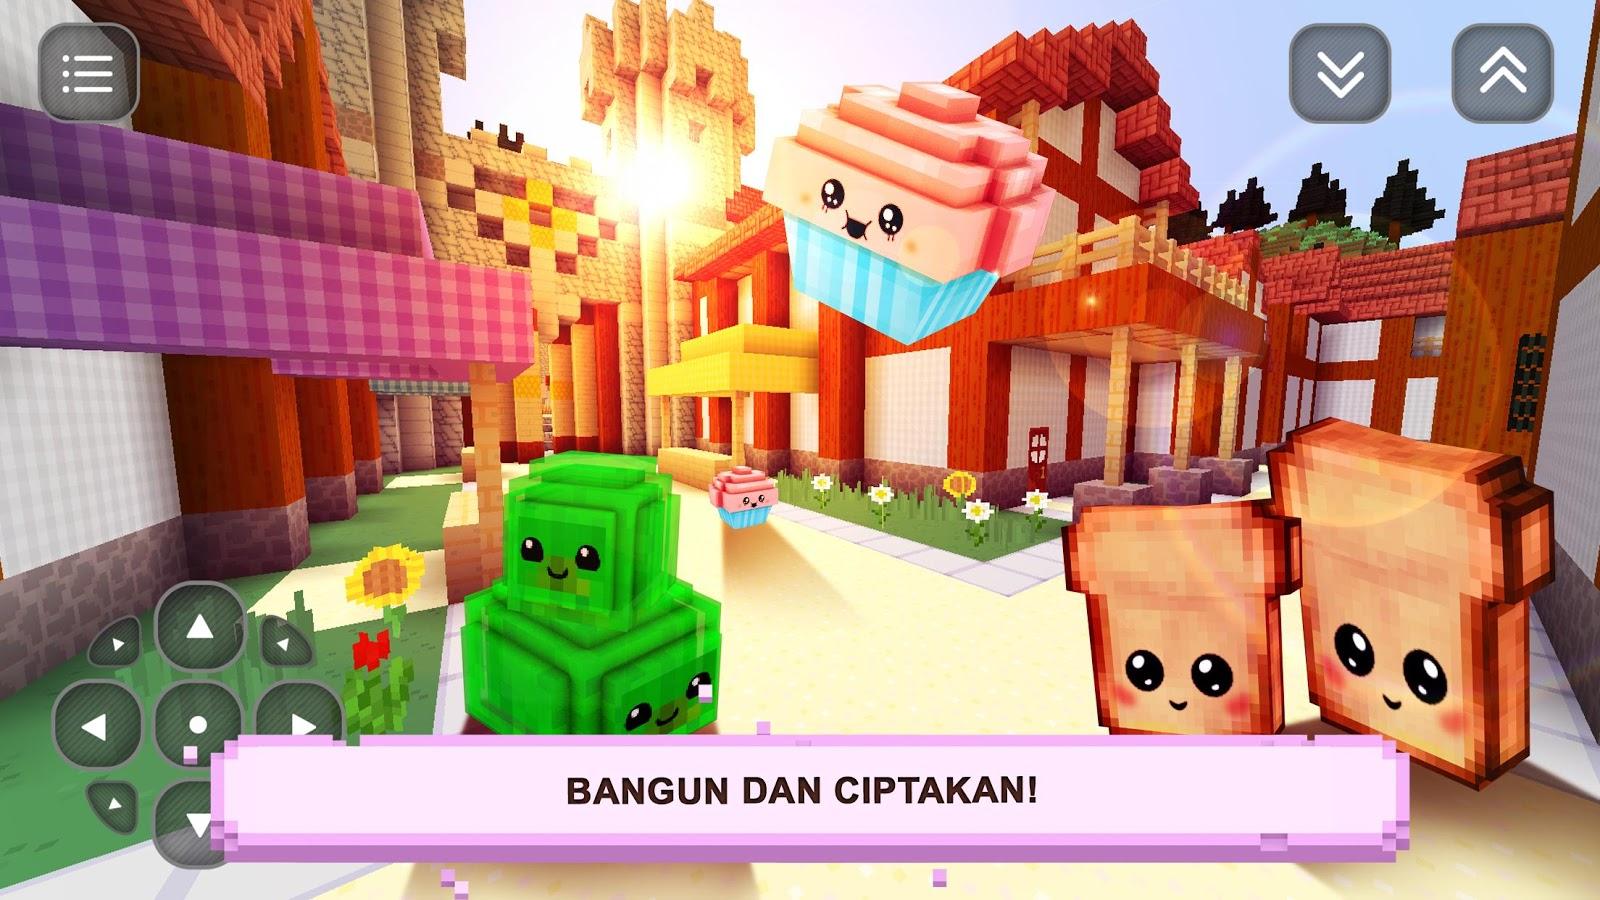 Permainan Imut Kawaii Bangunan Apl Android Di Google Play